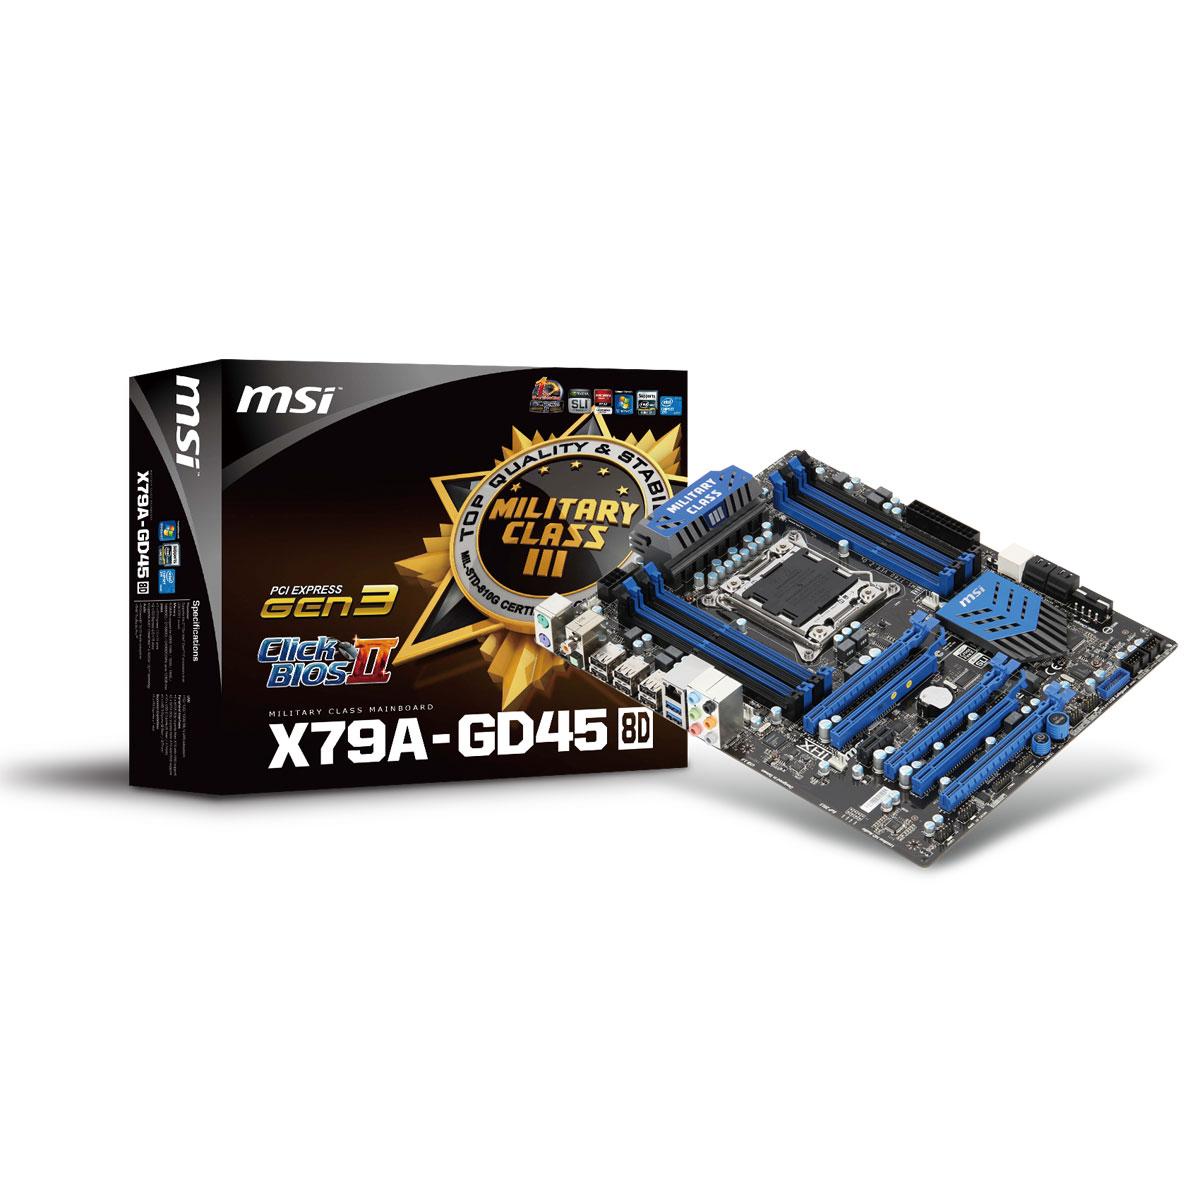 Carte mère MSI X79A-GD45 (8D) Carte mère ATX Socket 2011 Intel X79 Express - 8x DIMM DDR3 - SATA 6Gb/s - USB 3.0 - 3x PCI Express 3.0 16x + 2x PCI Express 2.0 16x